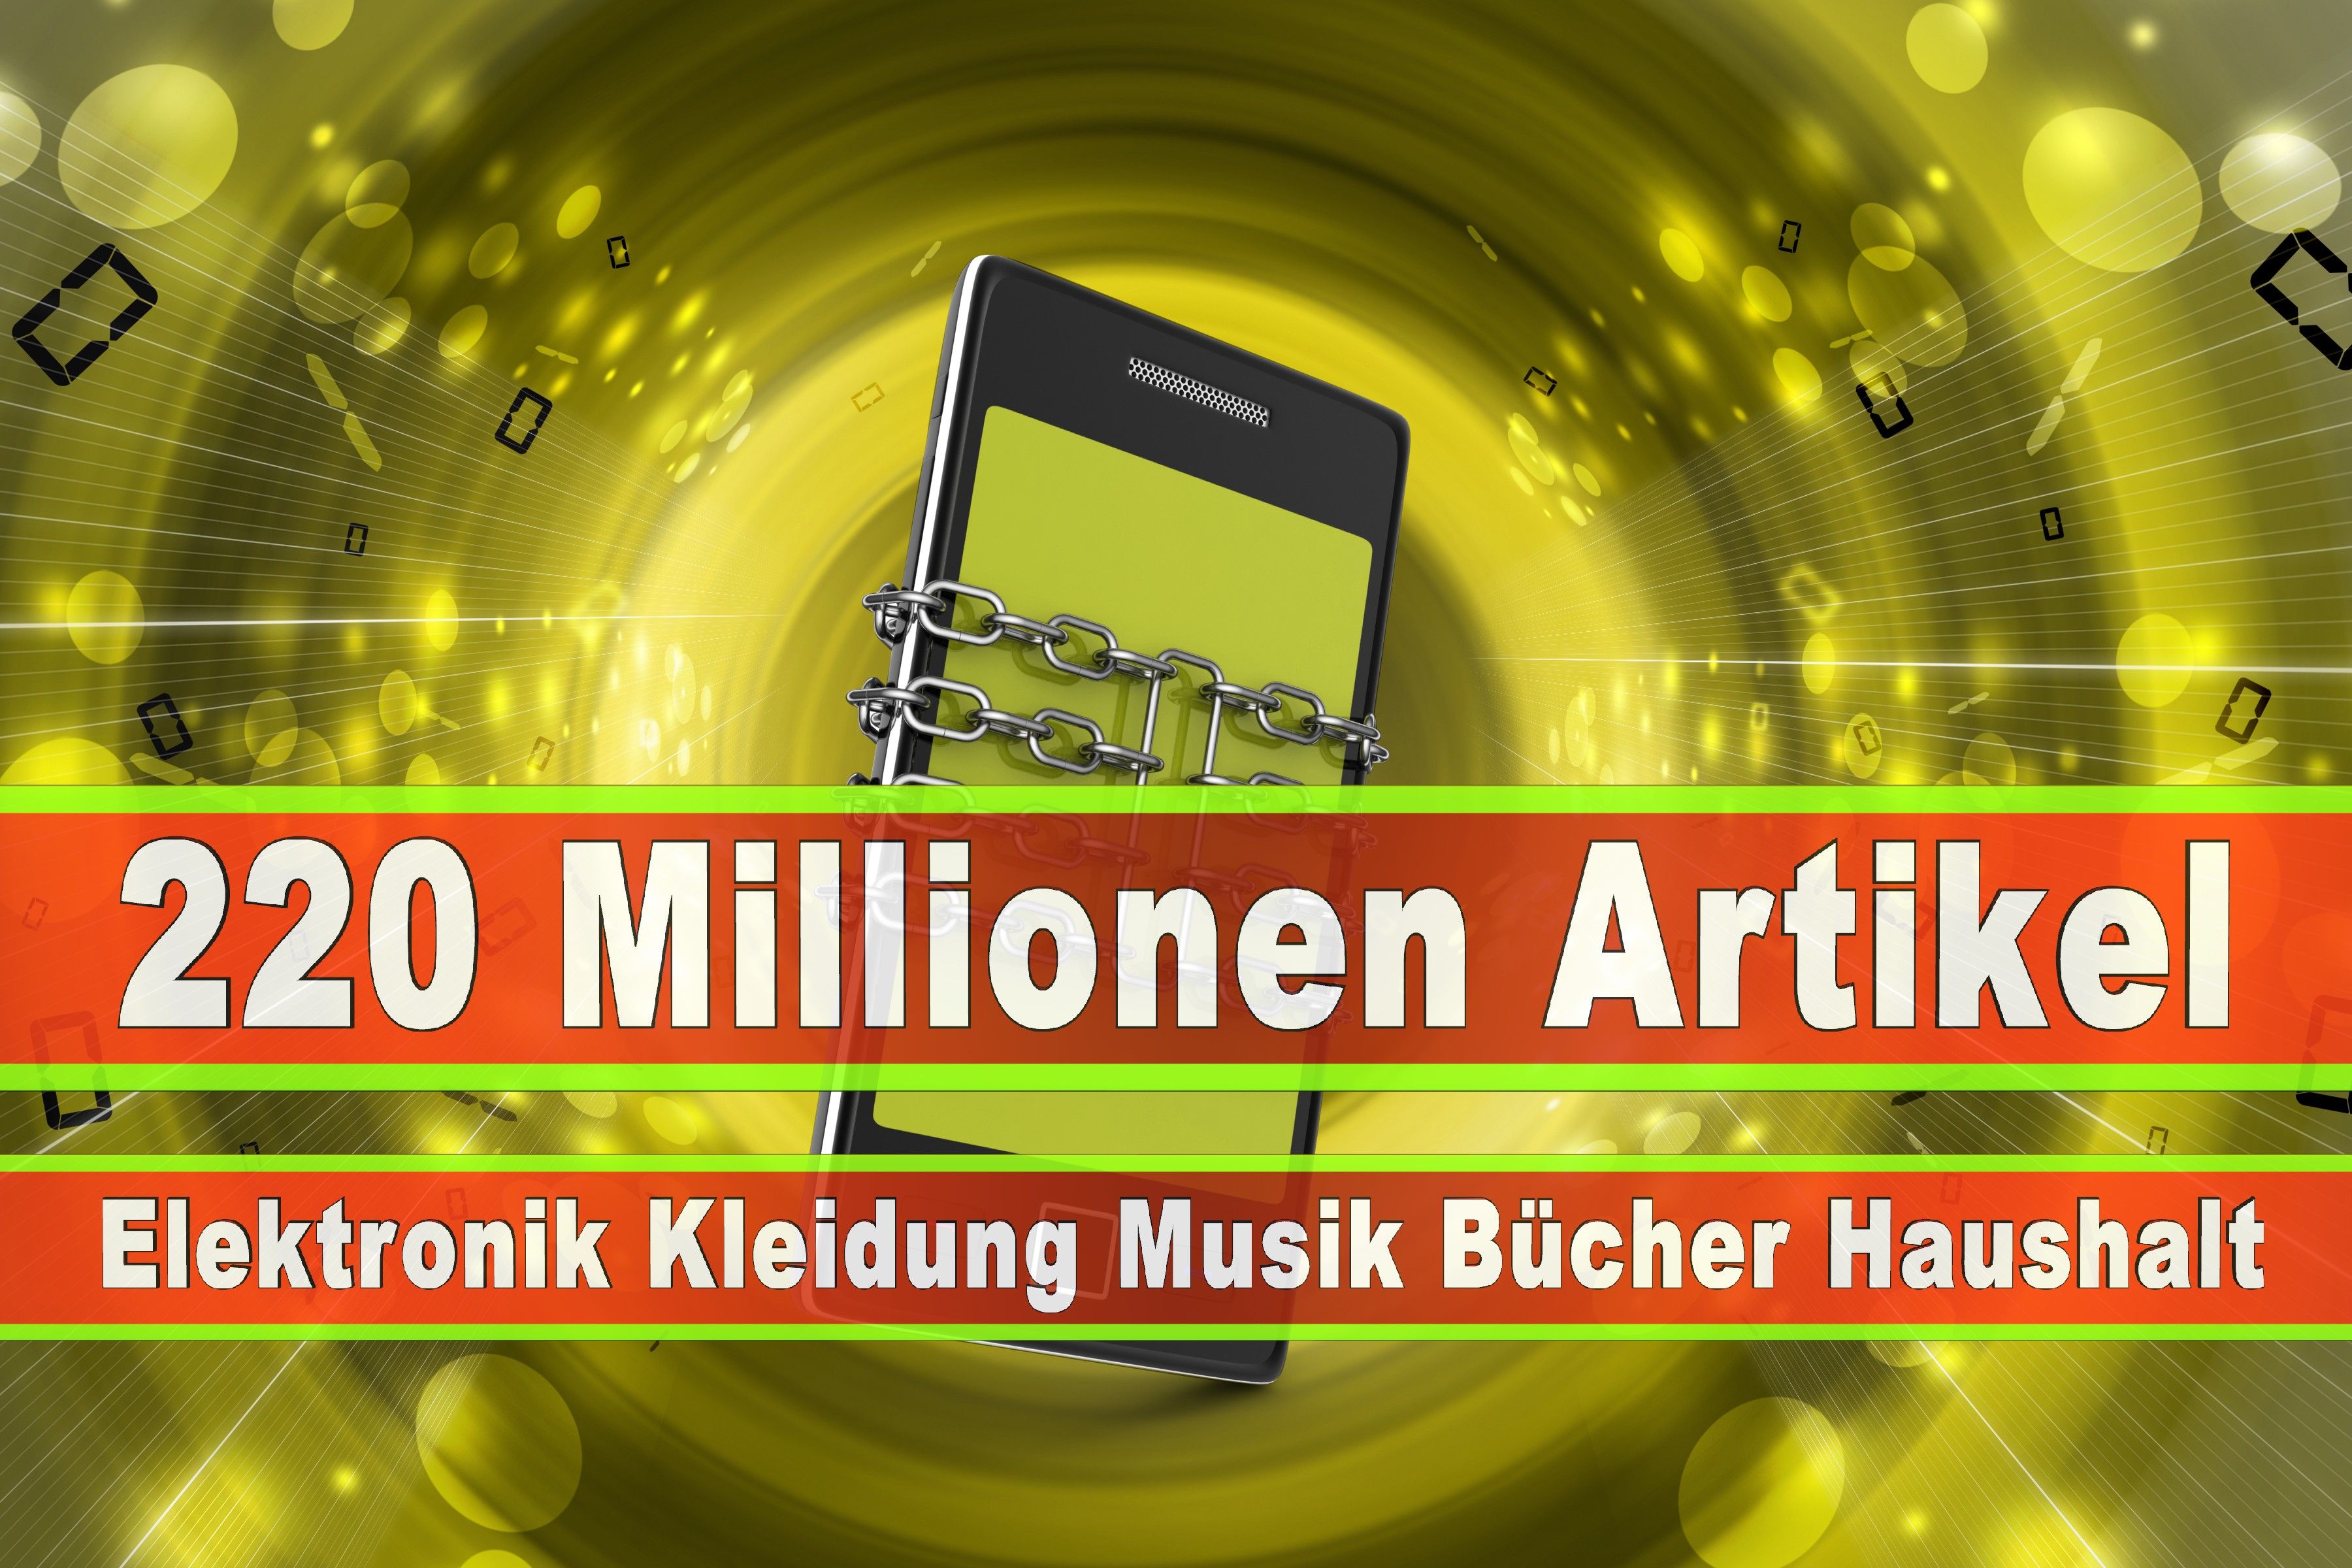 Amazon Elektronik Musik Haushalt Bücher CD DVD Handys Smartphones TV Television Fernseher Kleidung Mode Ebay (35)